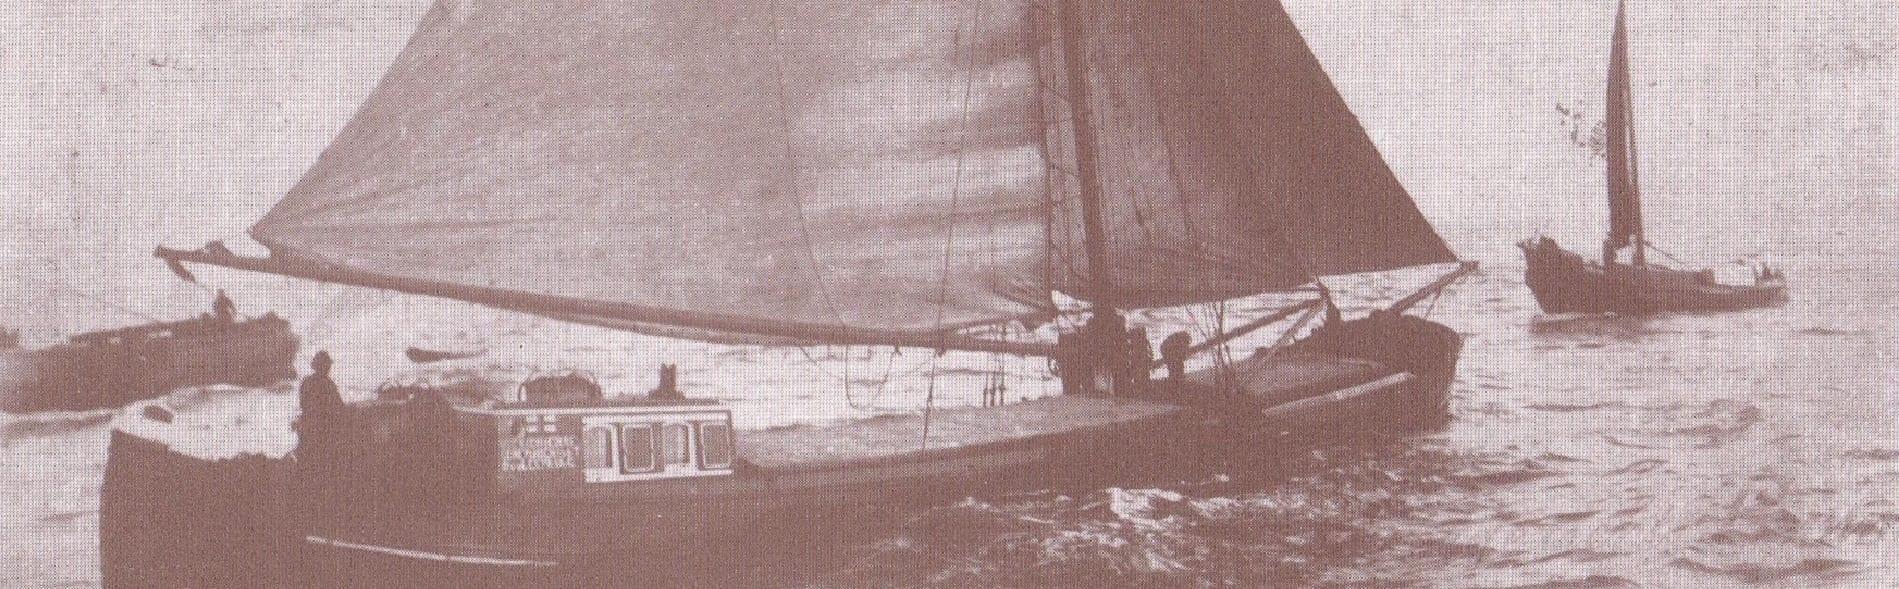 100 jaar zeilen op het IJsselmeer